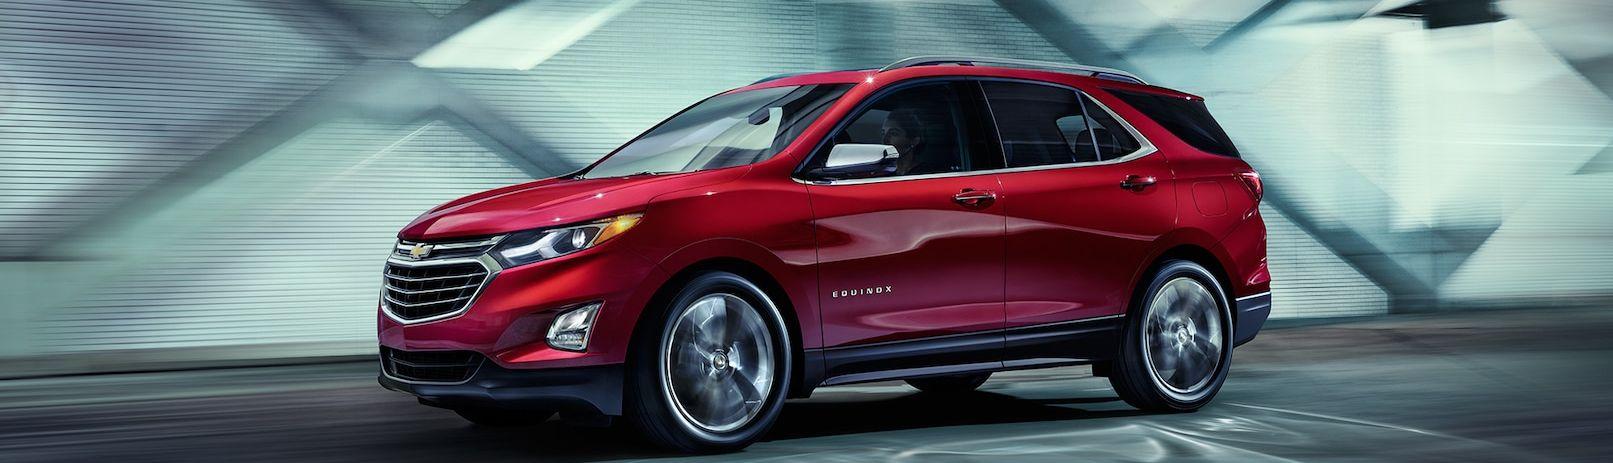 2019 Chevrolet Equinox for Sale near Mobile, AL